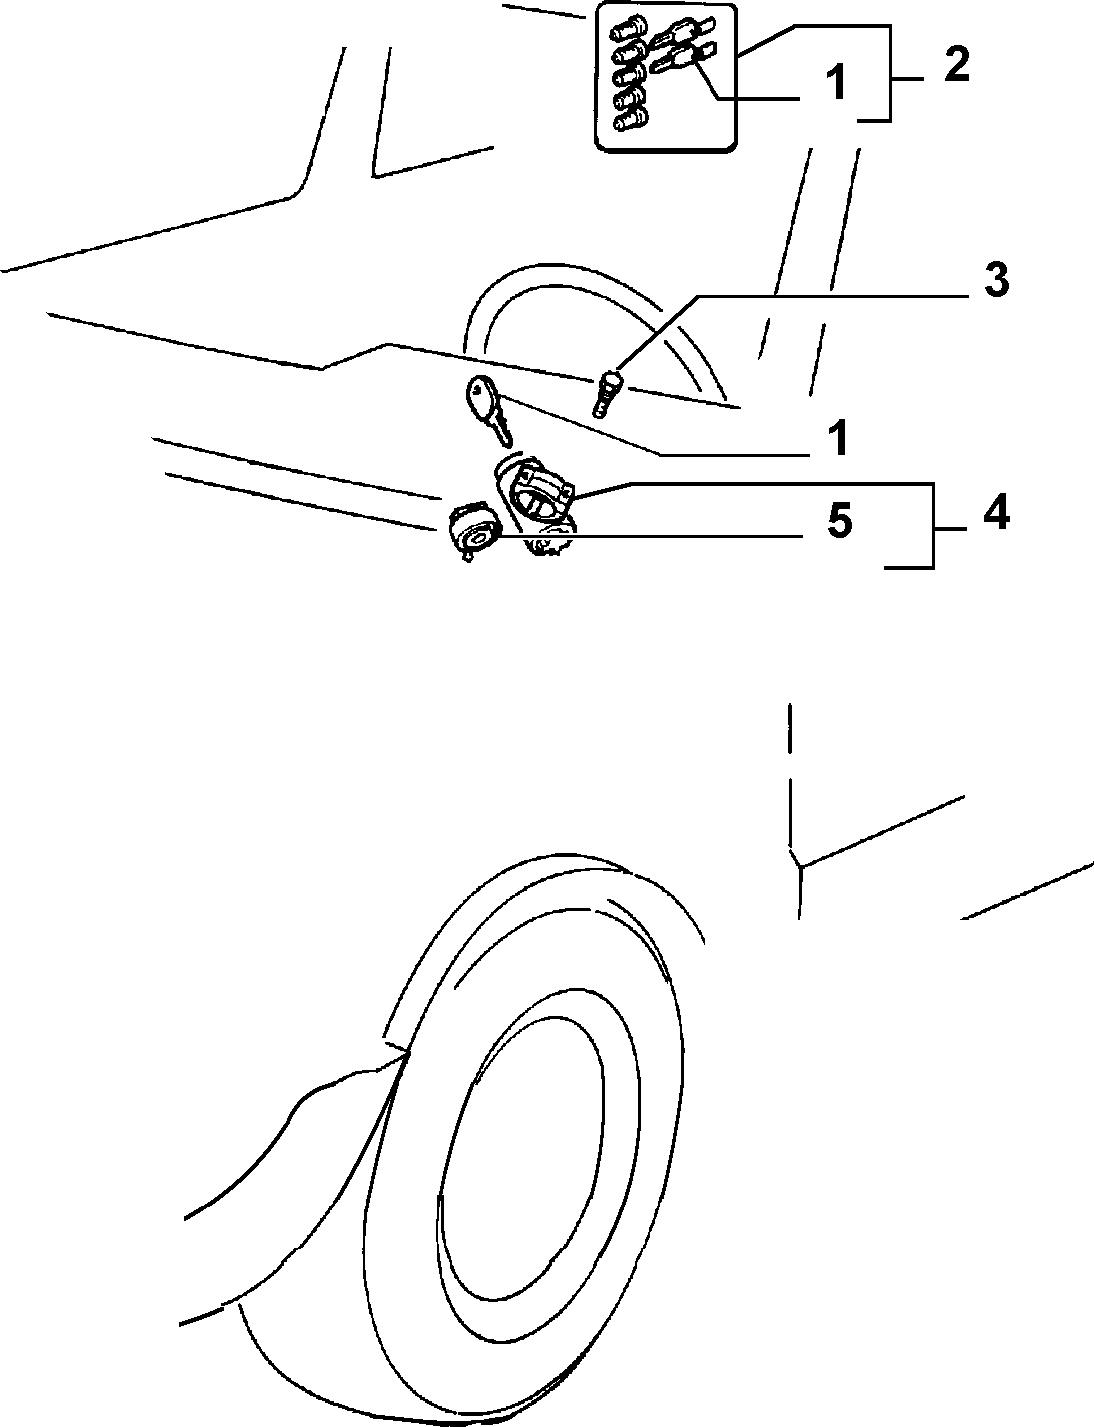 55202/00 ВЫКЛЮЧАТЕЛЬ ЗАЖИГАНИЯ